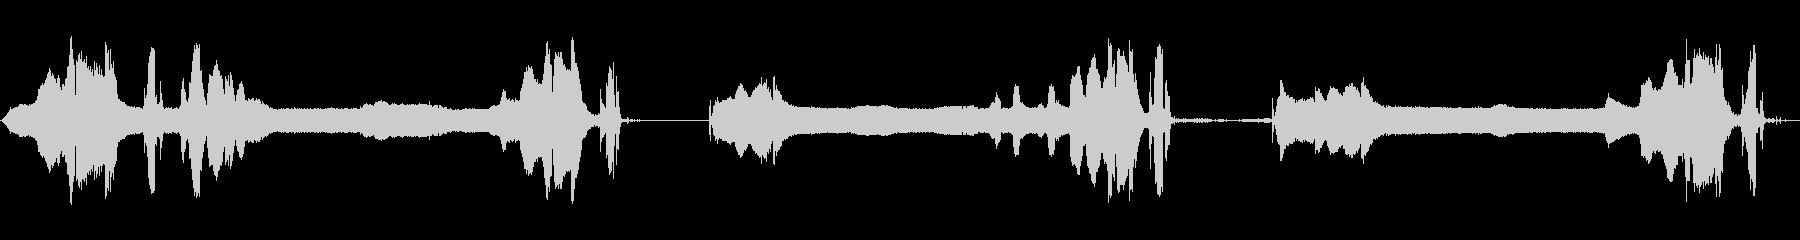 メルクール搭載-エンジン、コーナリ...の未再生の波形